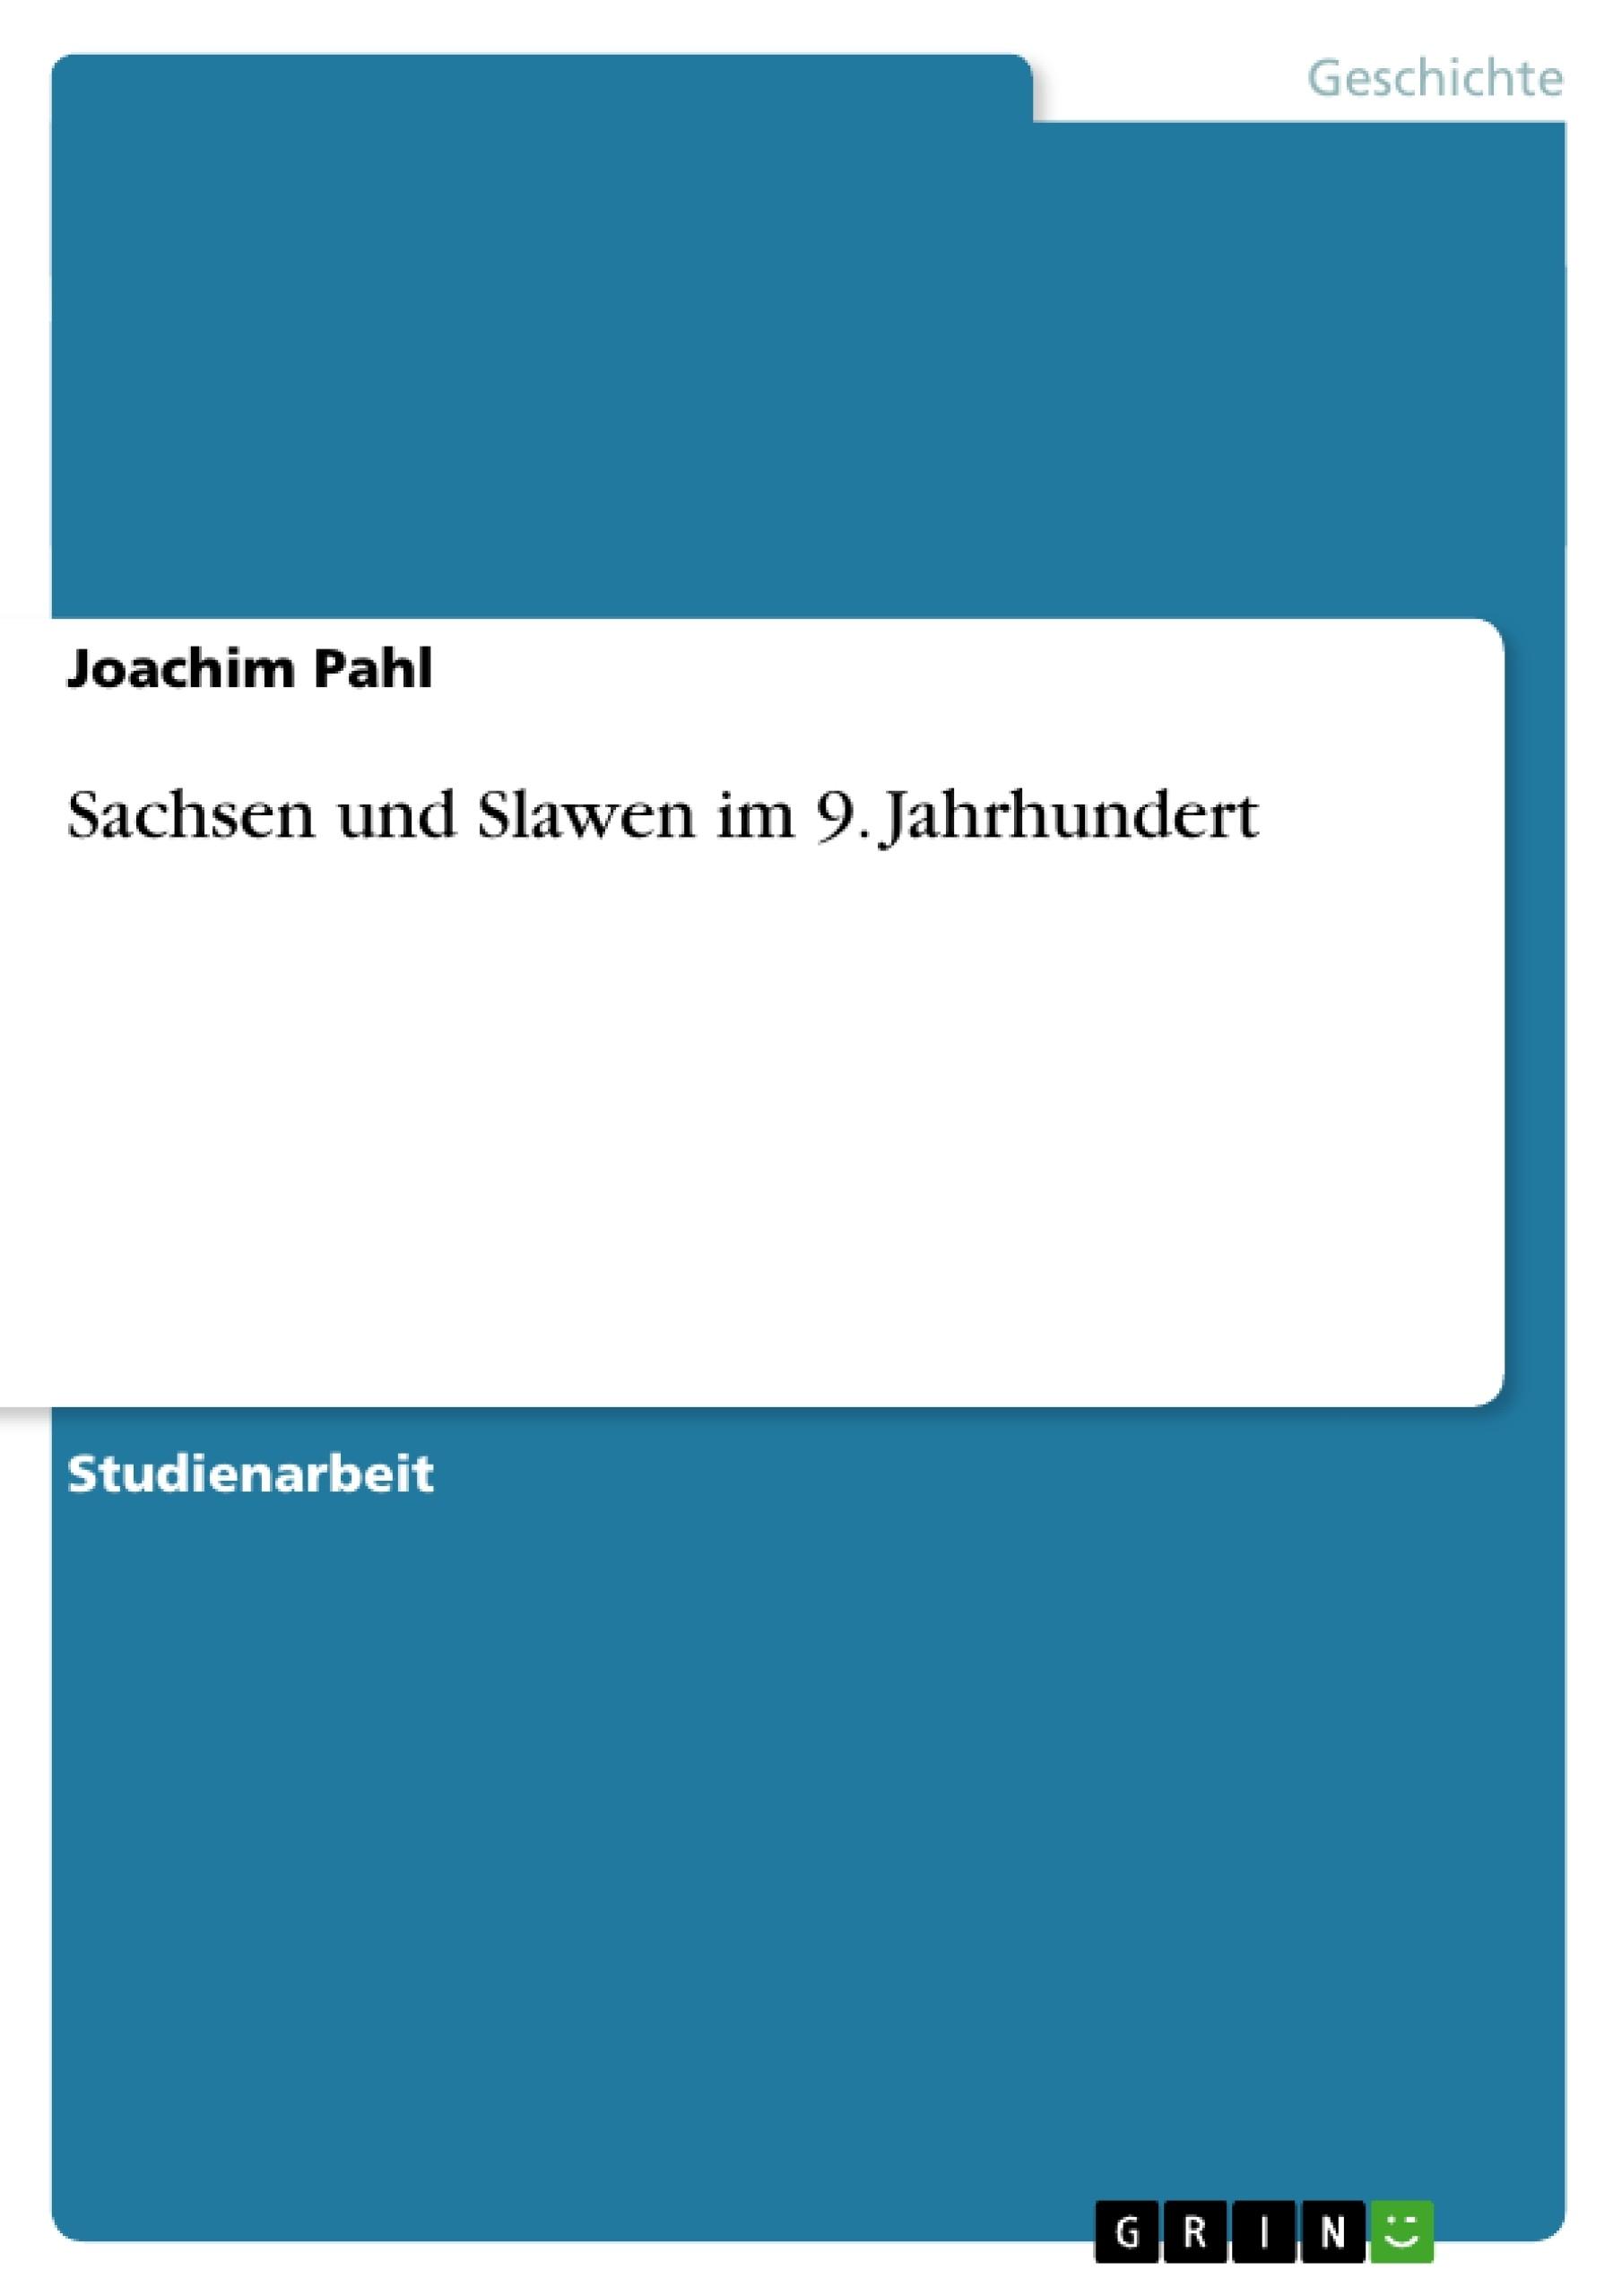 Titel: Sachsen und Slawen im 9. Jahrhundert